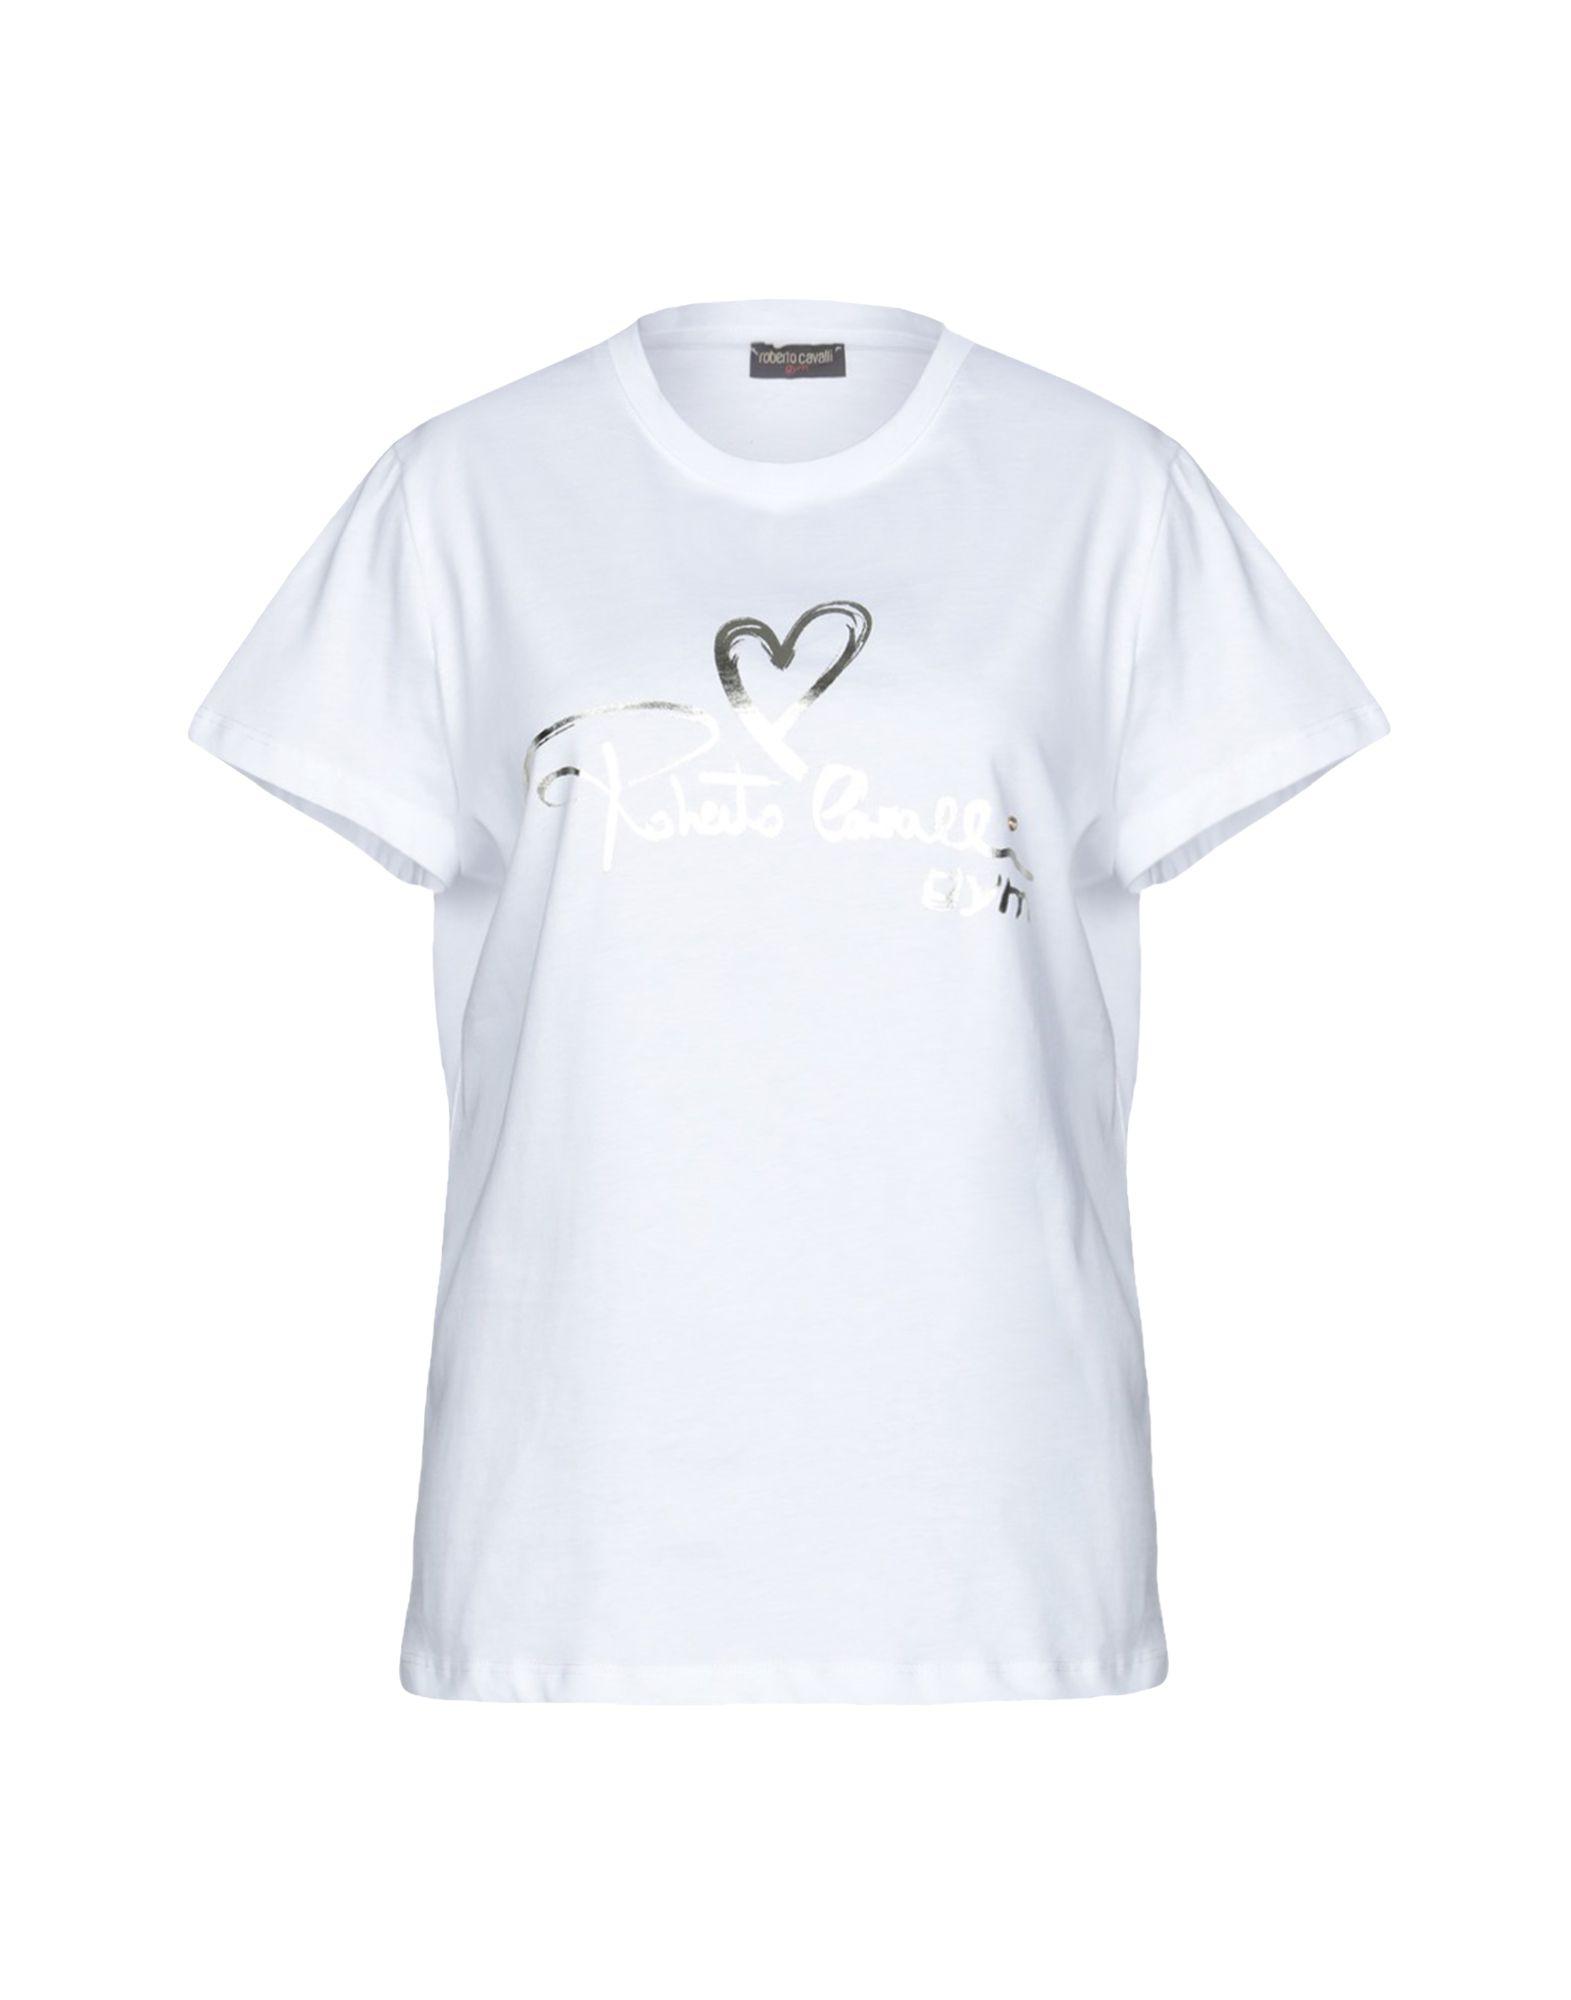 《送料無料》ROBERTO CAVALLI GYM レディース T シャツ ホワイト XS コットン 100%